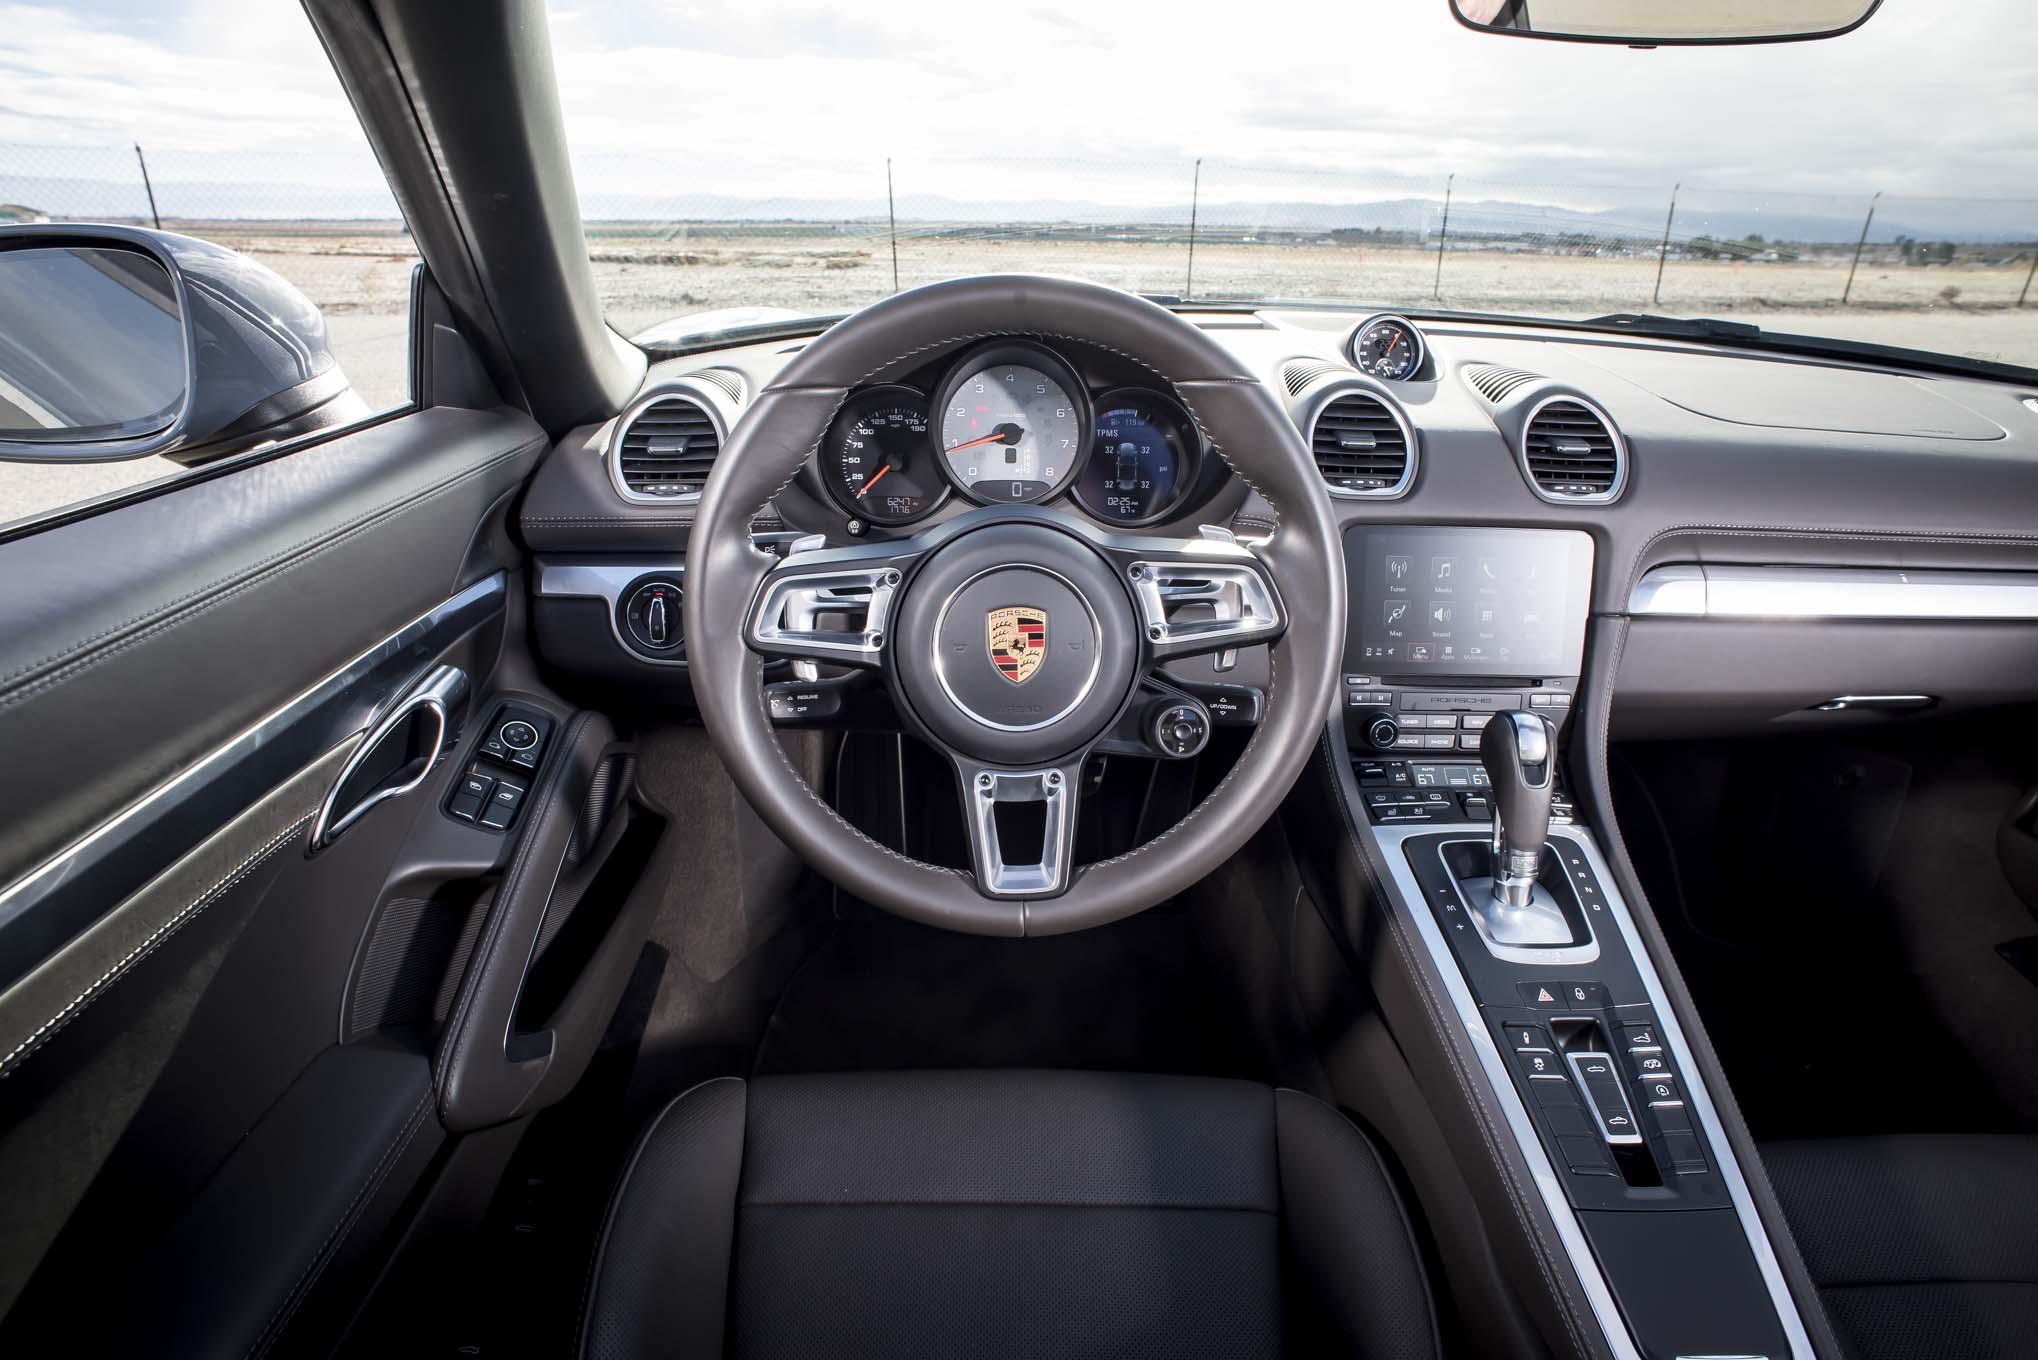 2017 Porsche 718 Boxster S cockpit